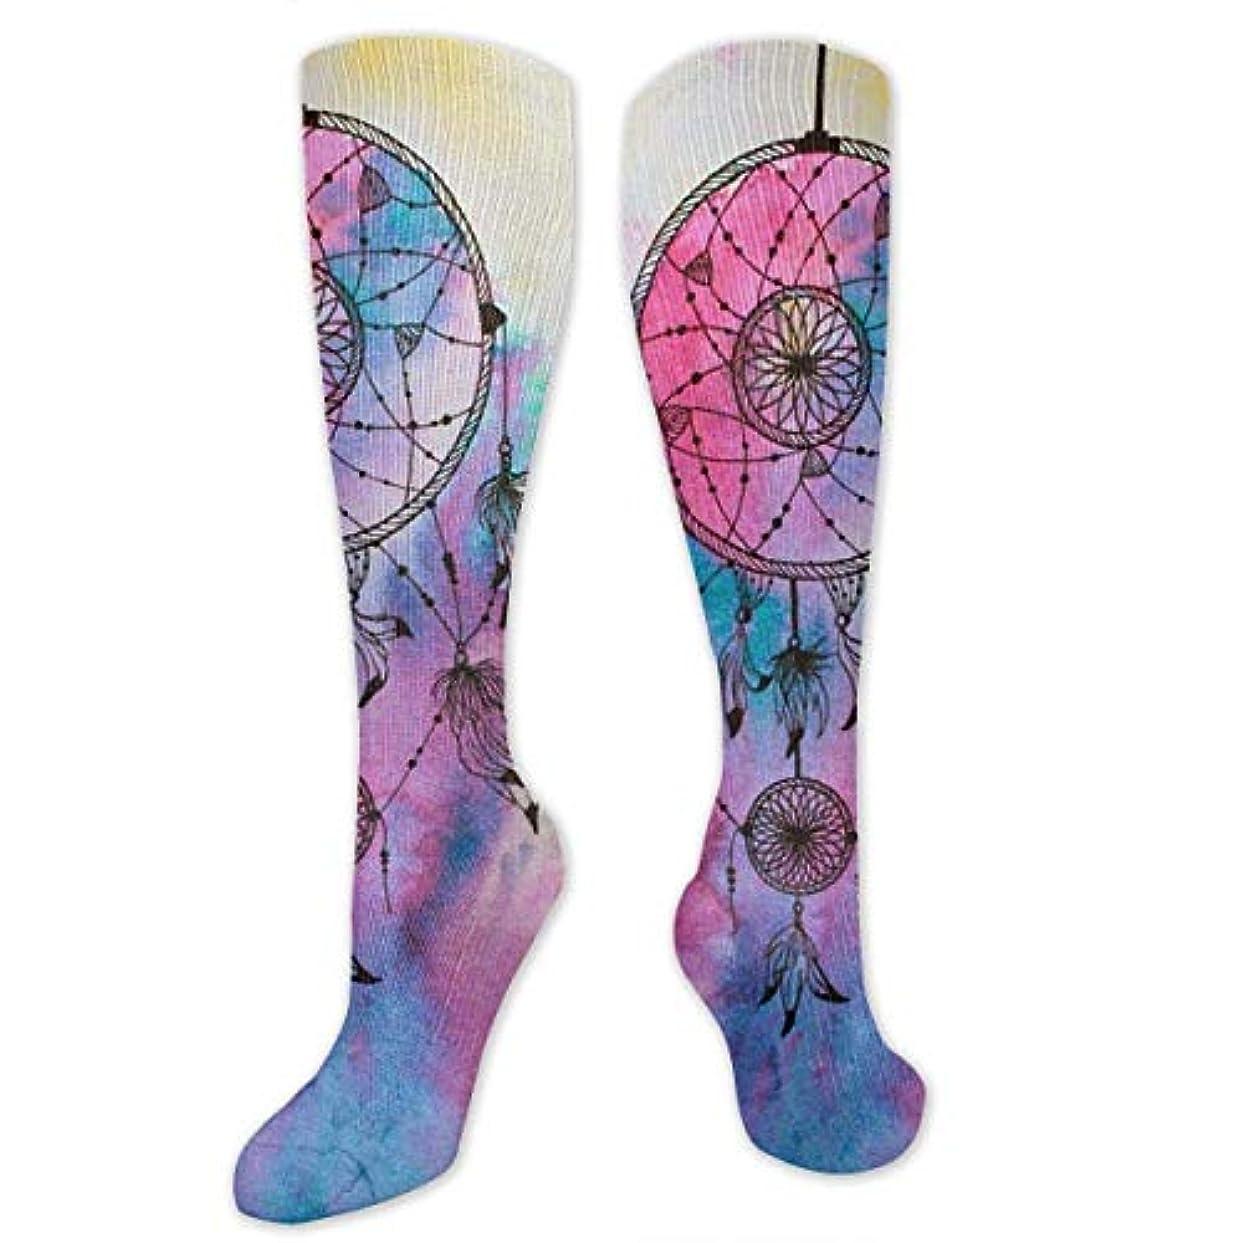 責め付与インシデント靴下,ストッキング,野生のジョーカー,実際,秋の本質,冬必須,サマーウェア&RBXAA Beautiful Dream Catcher Socks Women's Winter Cotton Long Tube Socks...